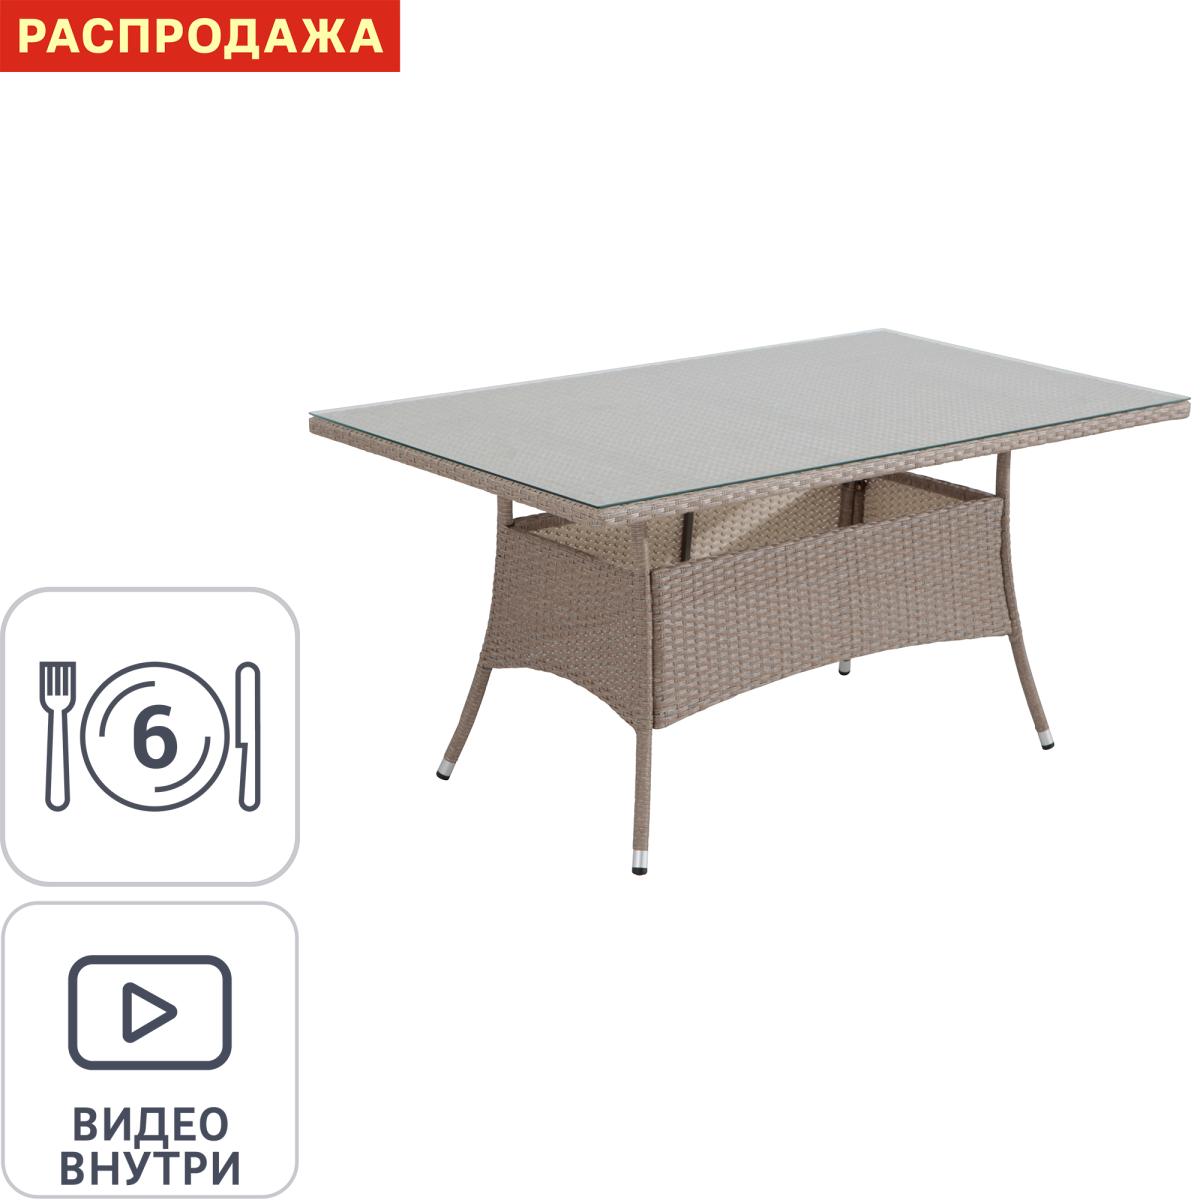 Стол садовый 75x150 см сталь/полиротанг